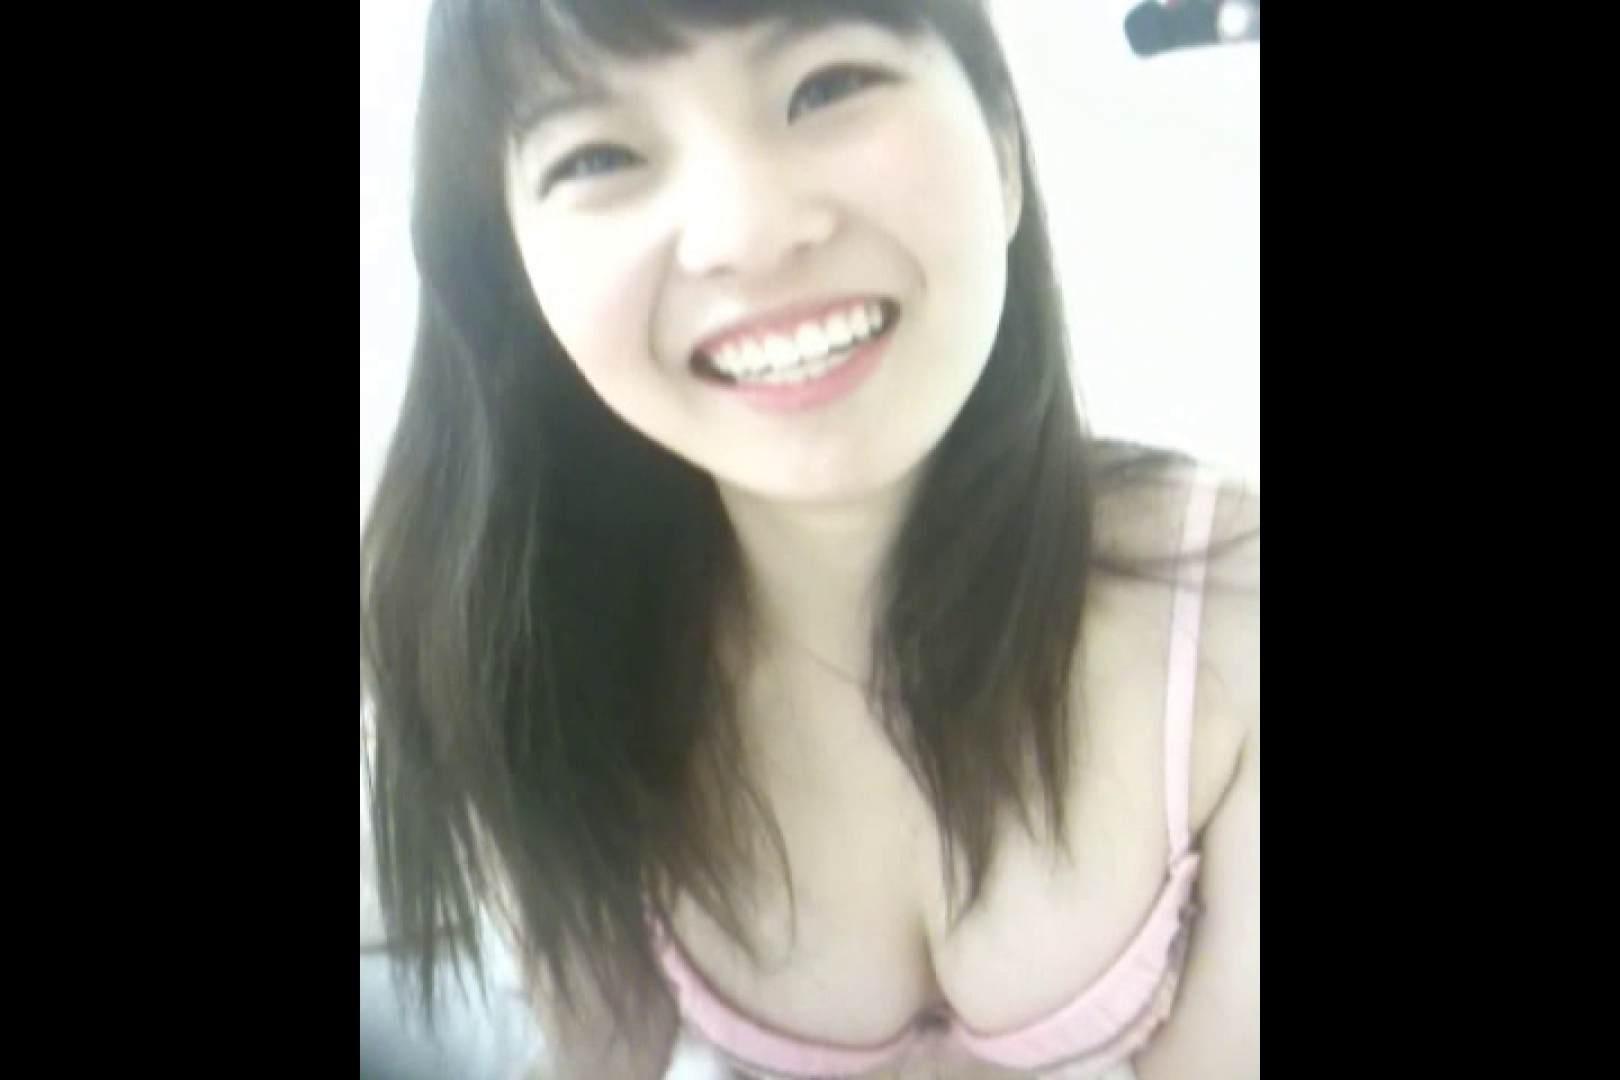 素人流出動画 AMIちゃんYUMIちゃんの秘密の携帯ムービー 素人流出  64PIX 22